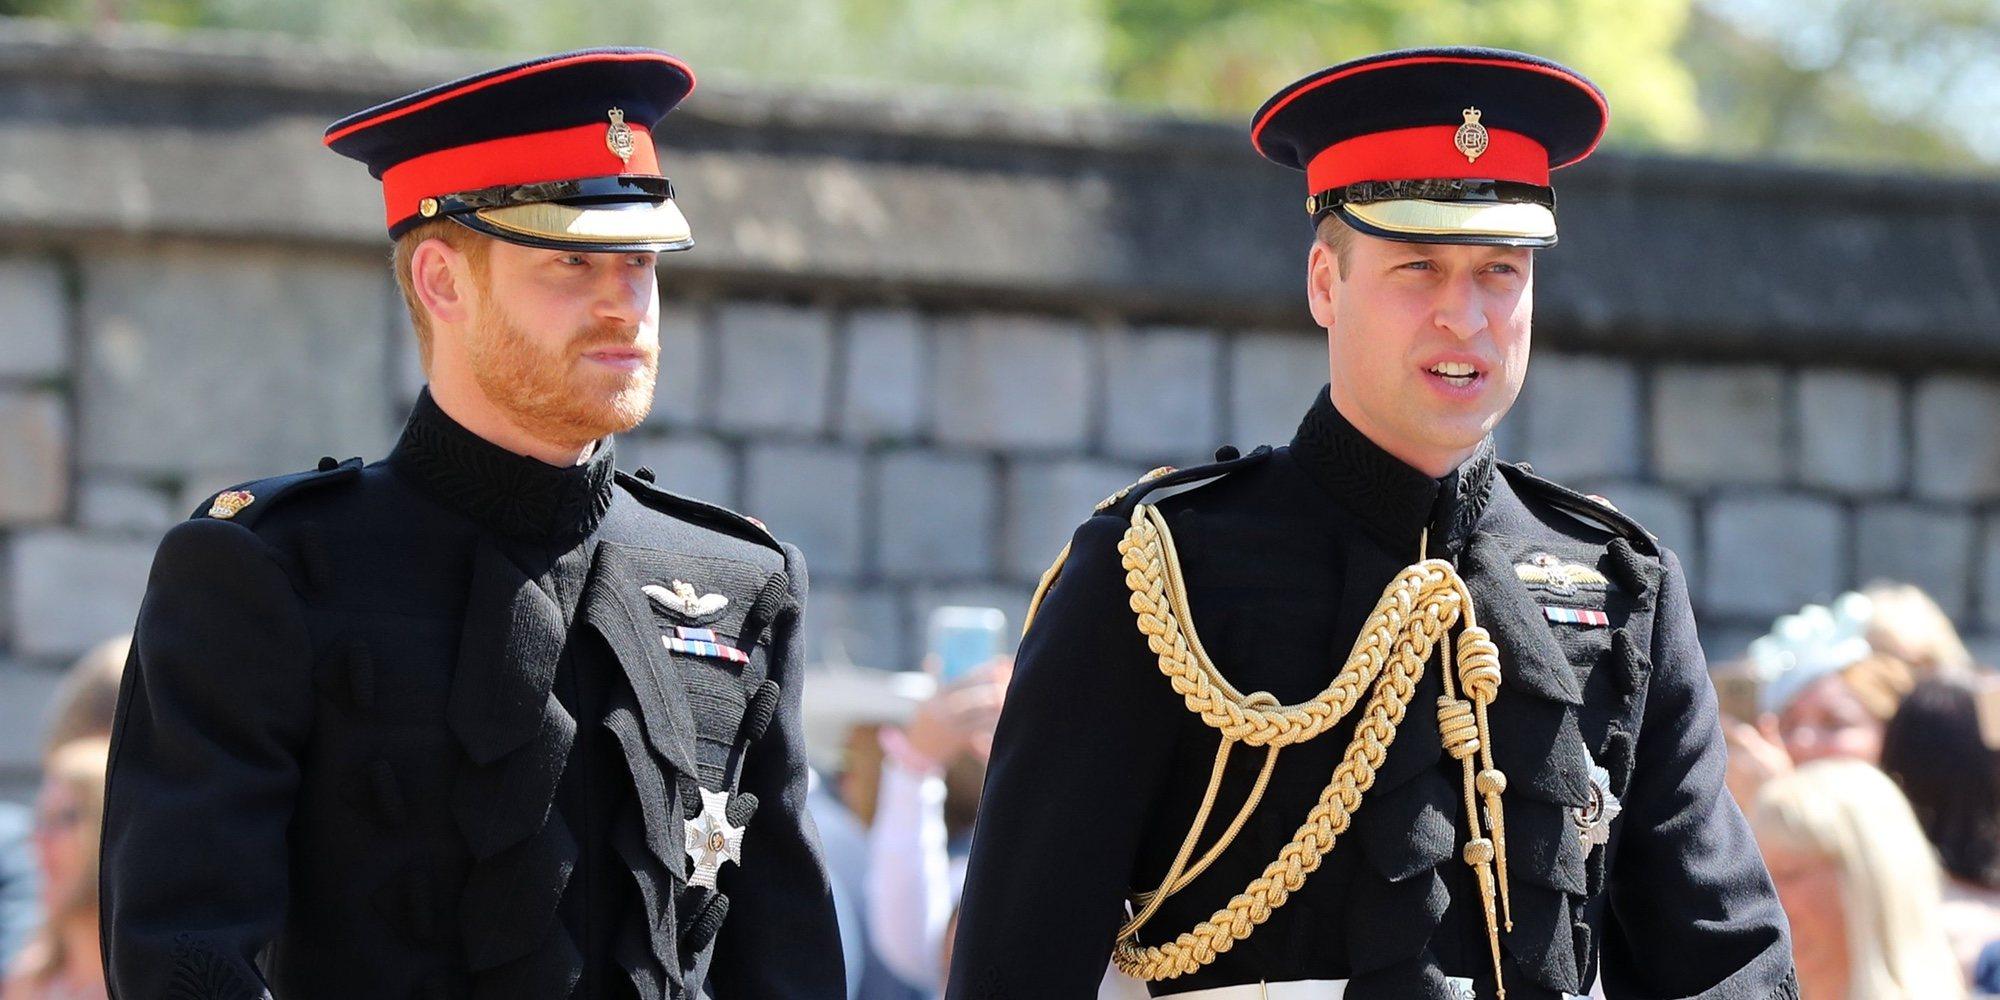 El Príncipe Guillermo, enfadado y conmocionado por la renuncia a volver a la Casa Real del Príncipe Harry y Meghan Markle